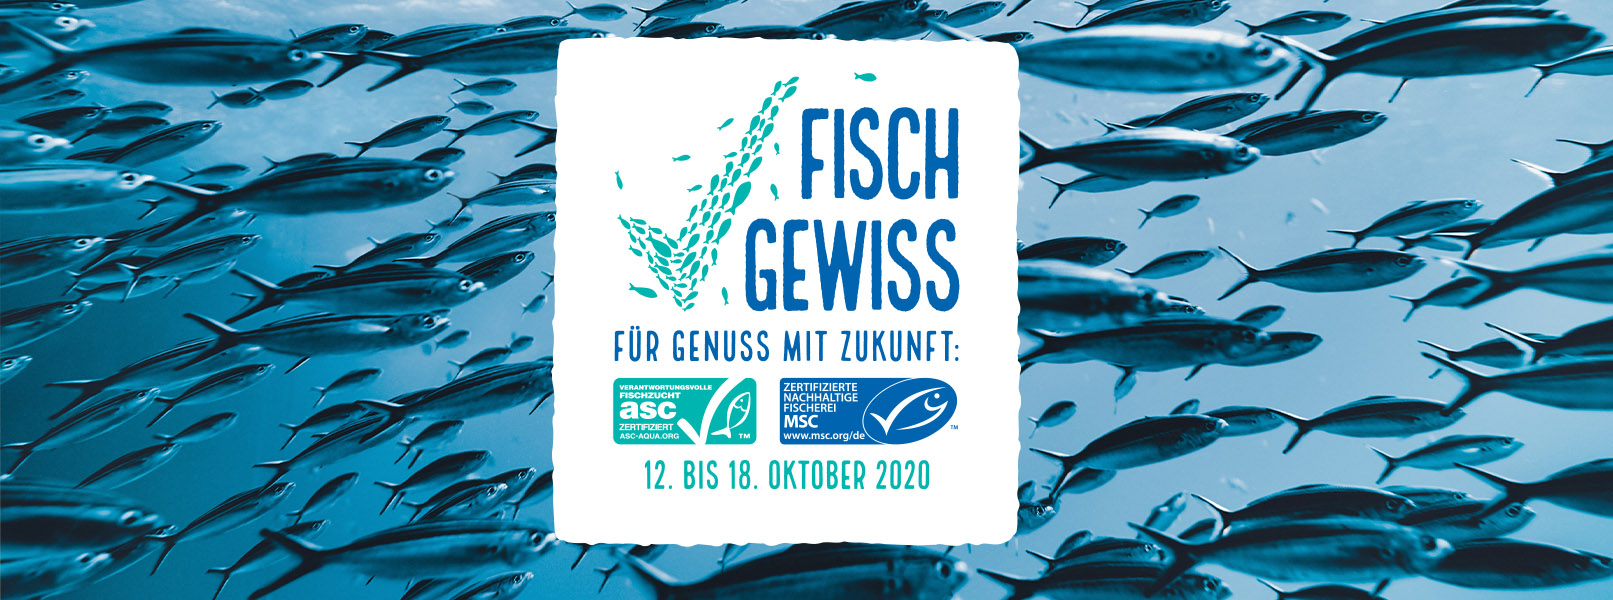 #fischgewiss